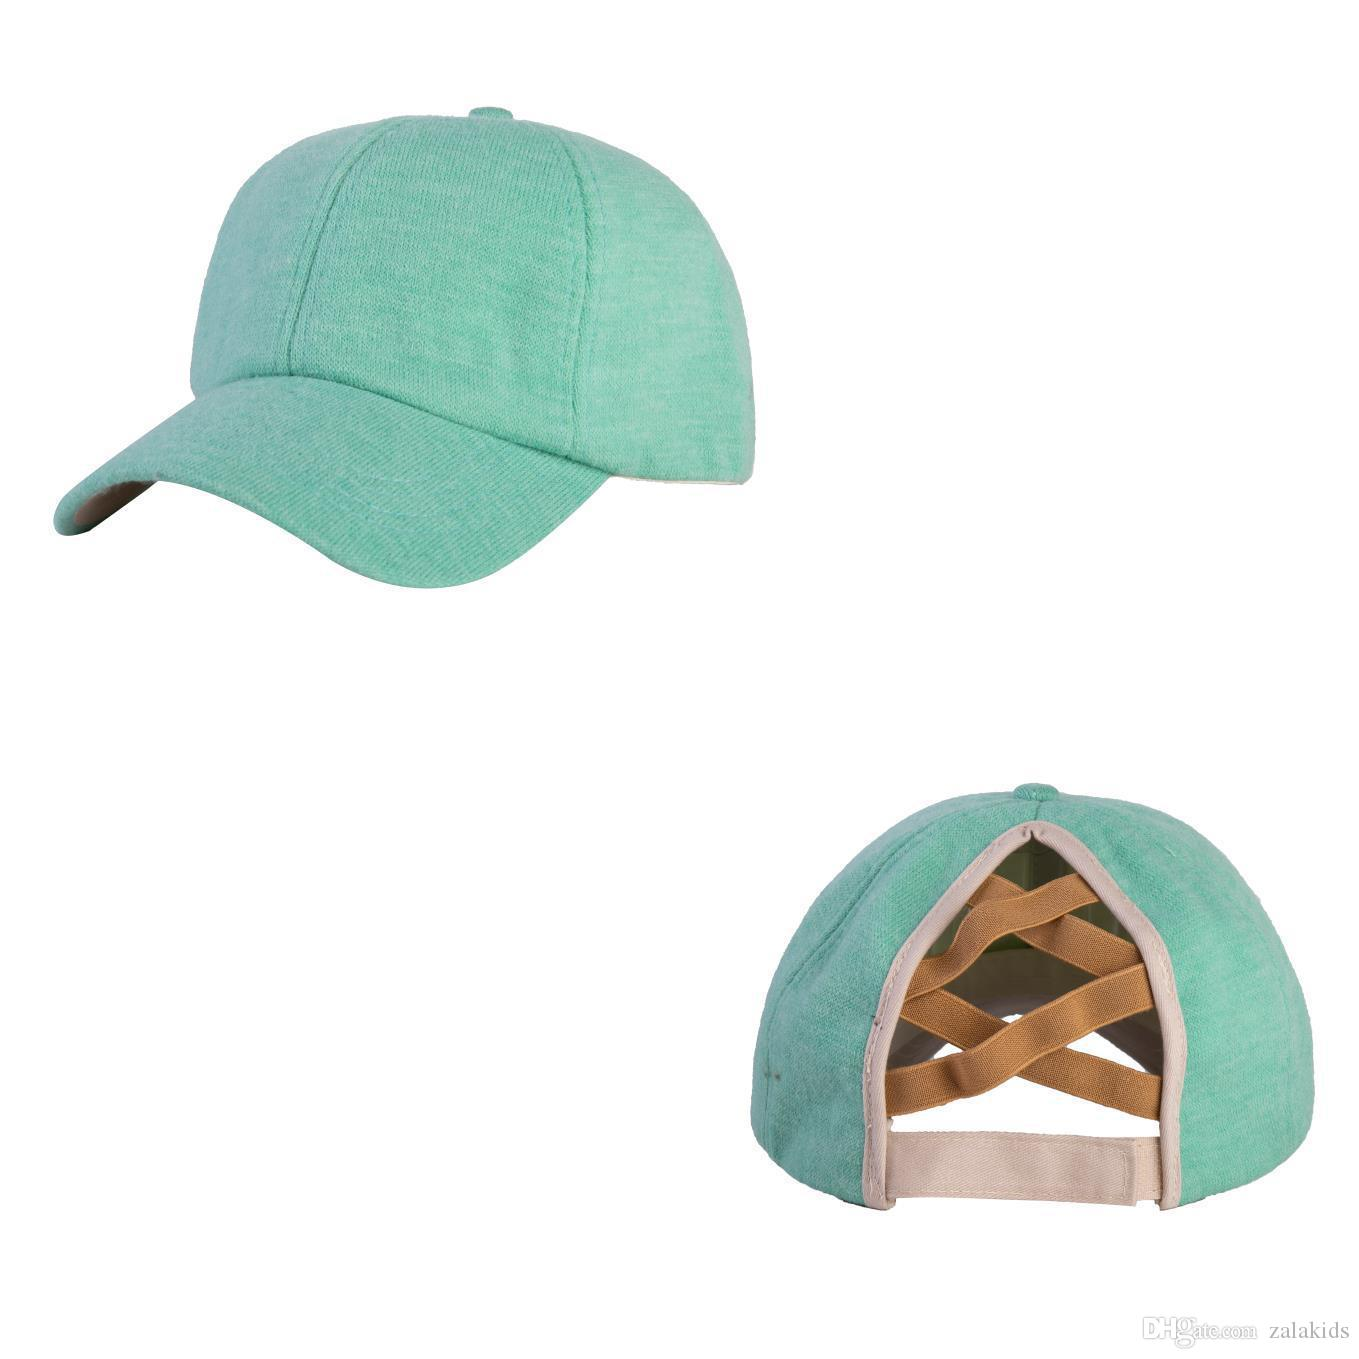 8 renk Kadınlar Snapback İçin Yeni Kış Beyzbol şapkası at kuyruğu Örme Dağınık Bun Şapka Casual Sıcak Açık Hat Caps